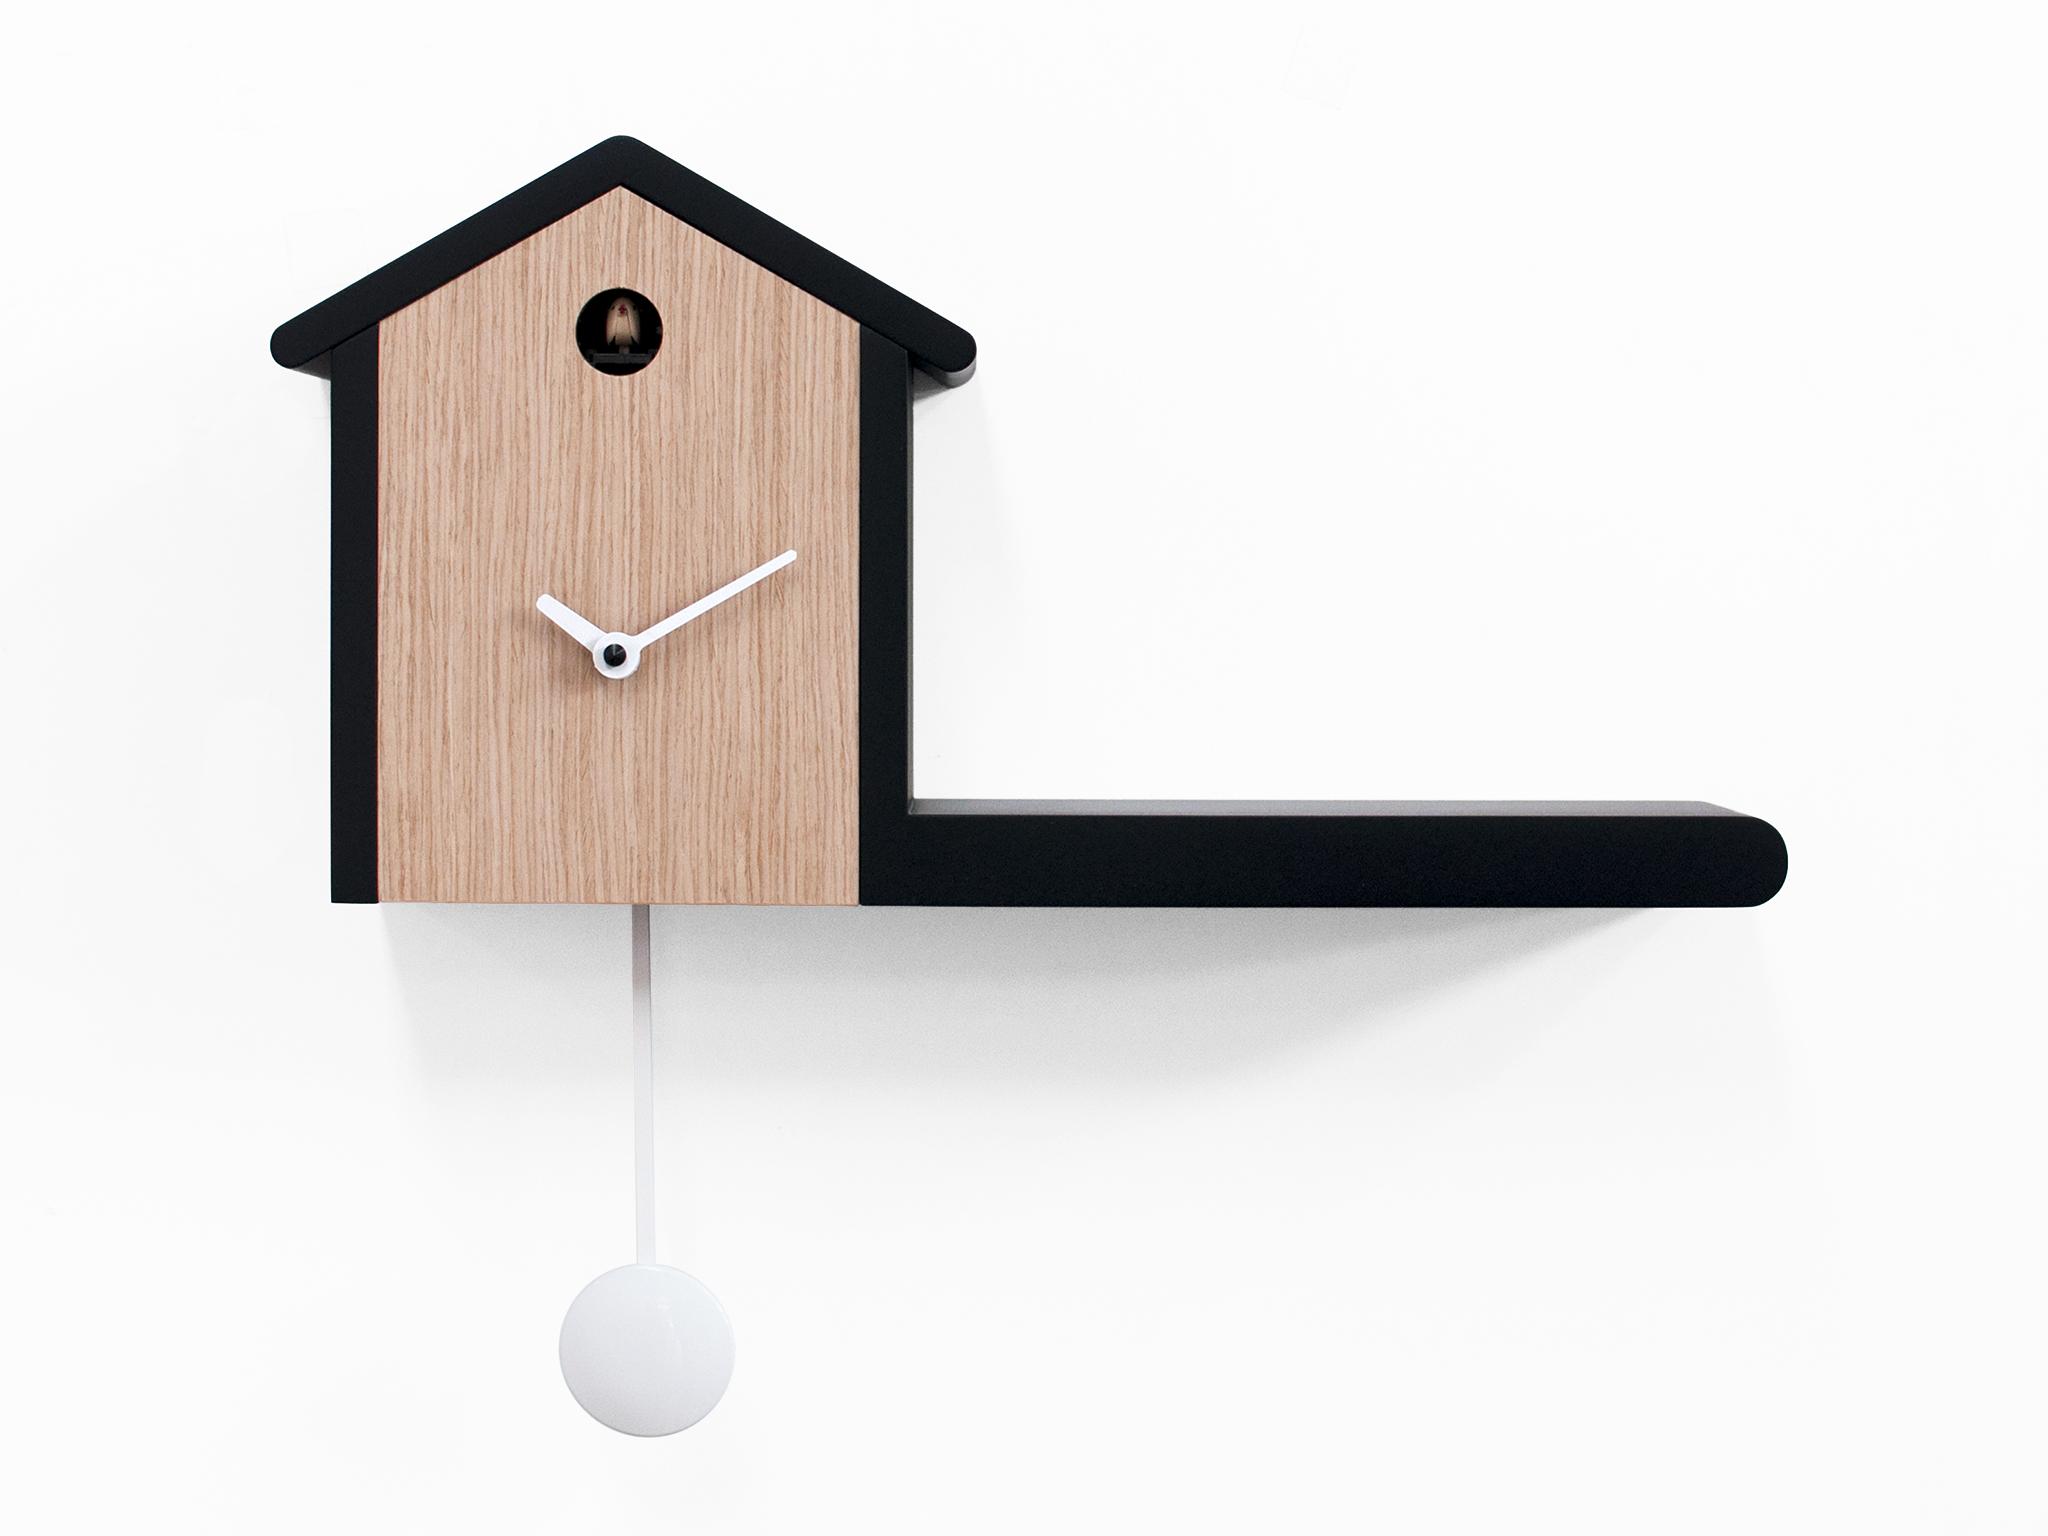 Oggetti Per Ufficio : Progetti complementi darredo e oggetti per casa e ufficio